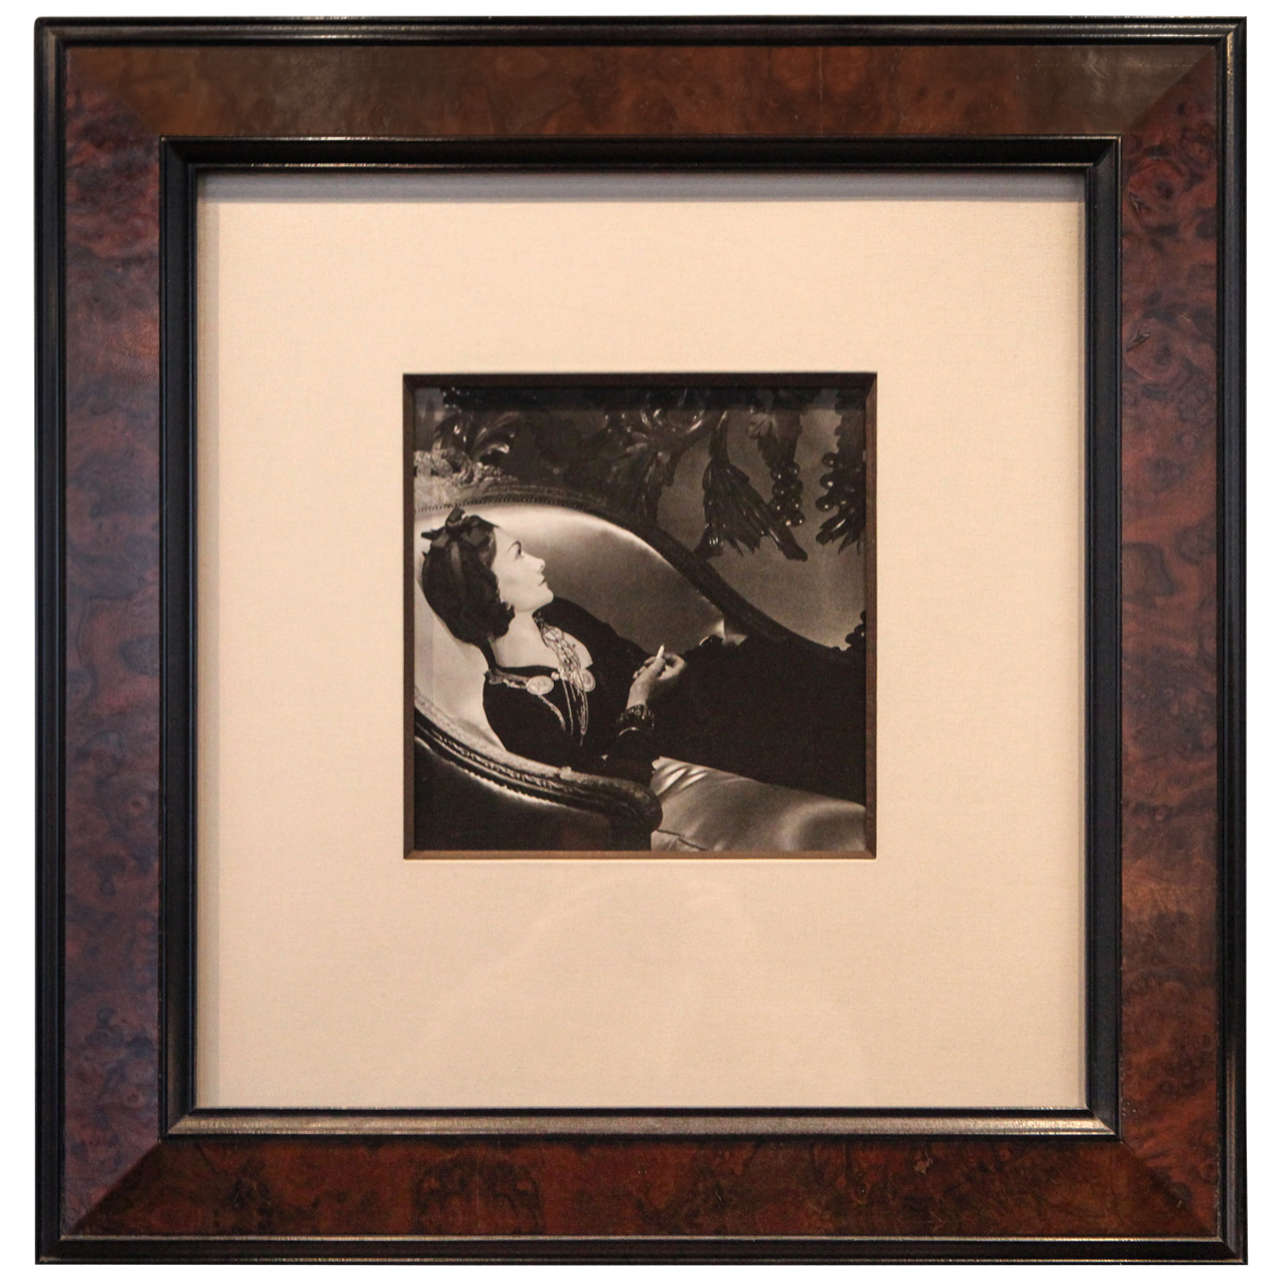 horst p horst 1906 1999 coco chanel paris 1937 at 1stdibs. Black Bedroom Furniture Sets. Home Design Ideas